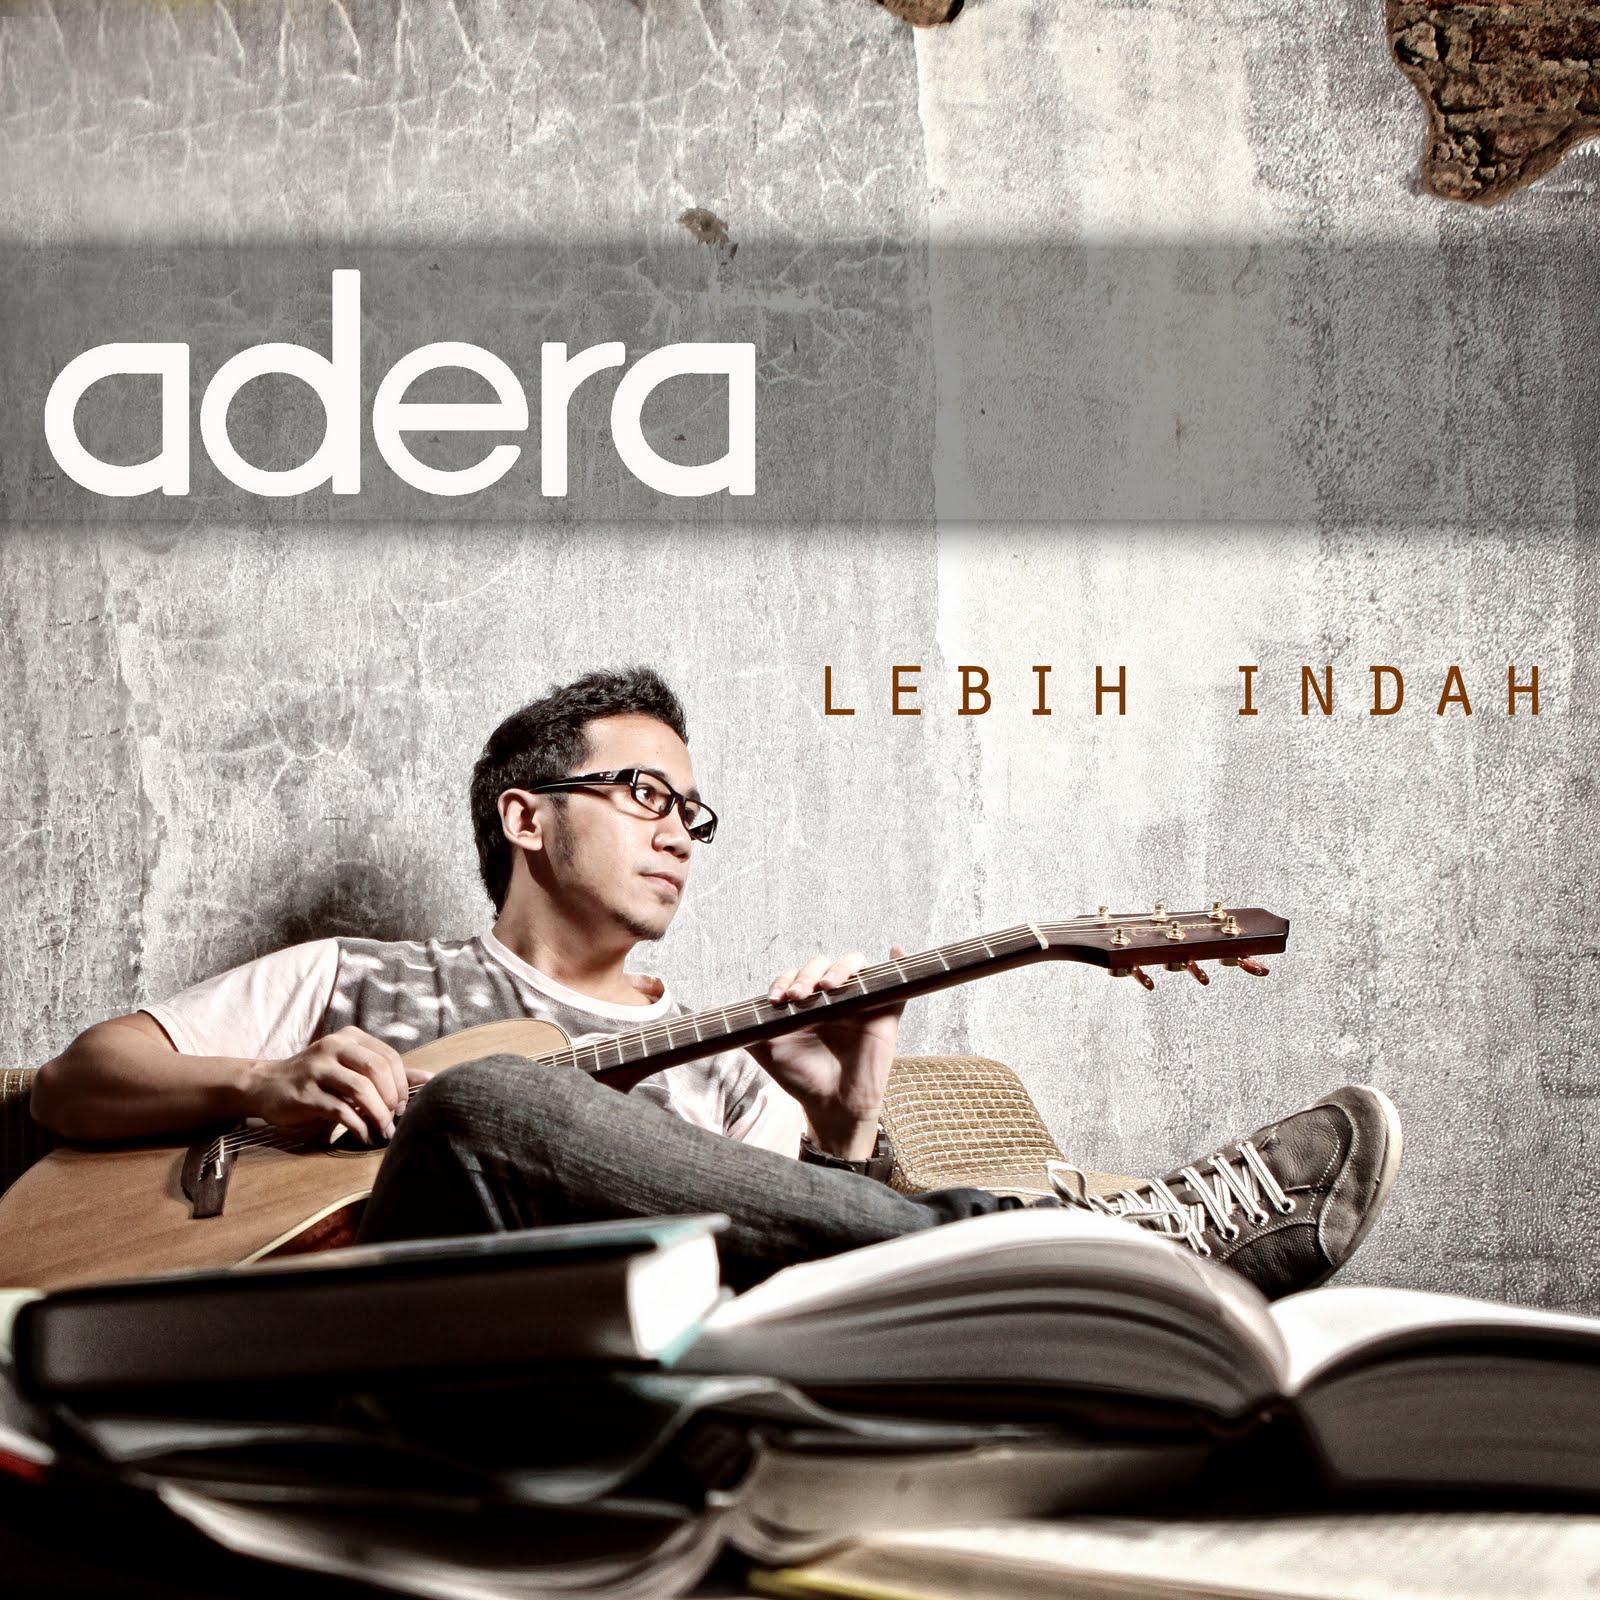 Download lagu adera melewatkanmu mp3.